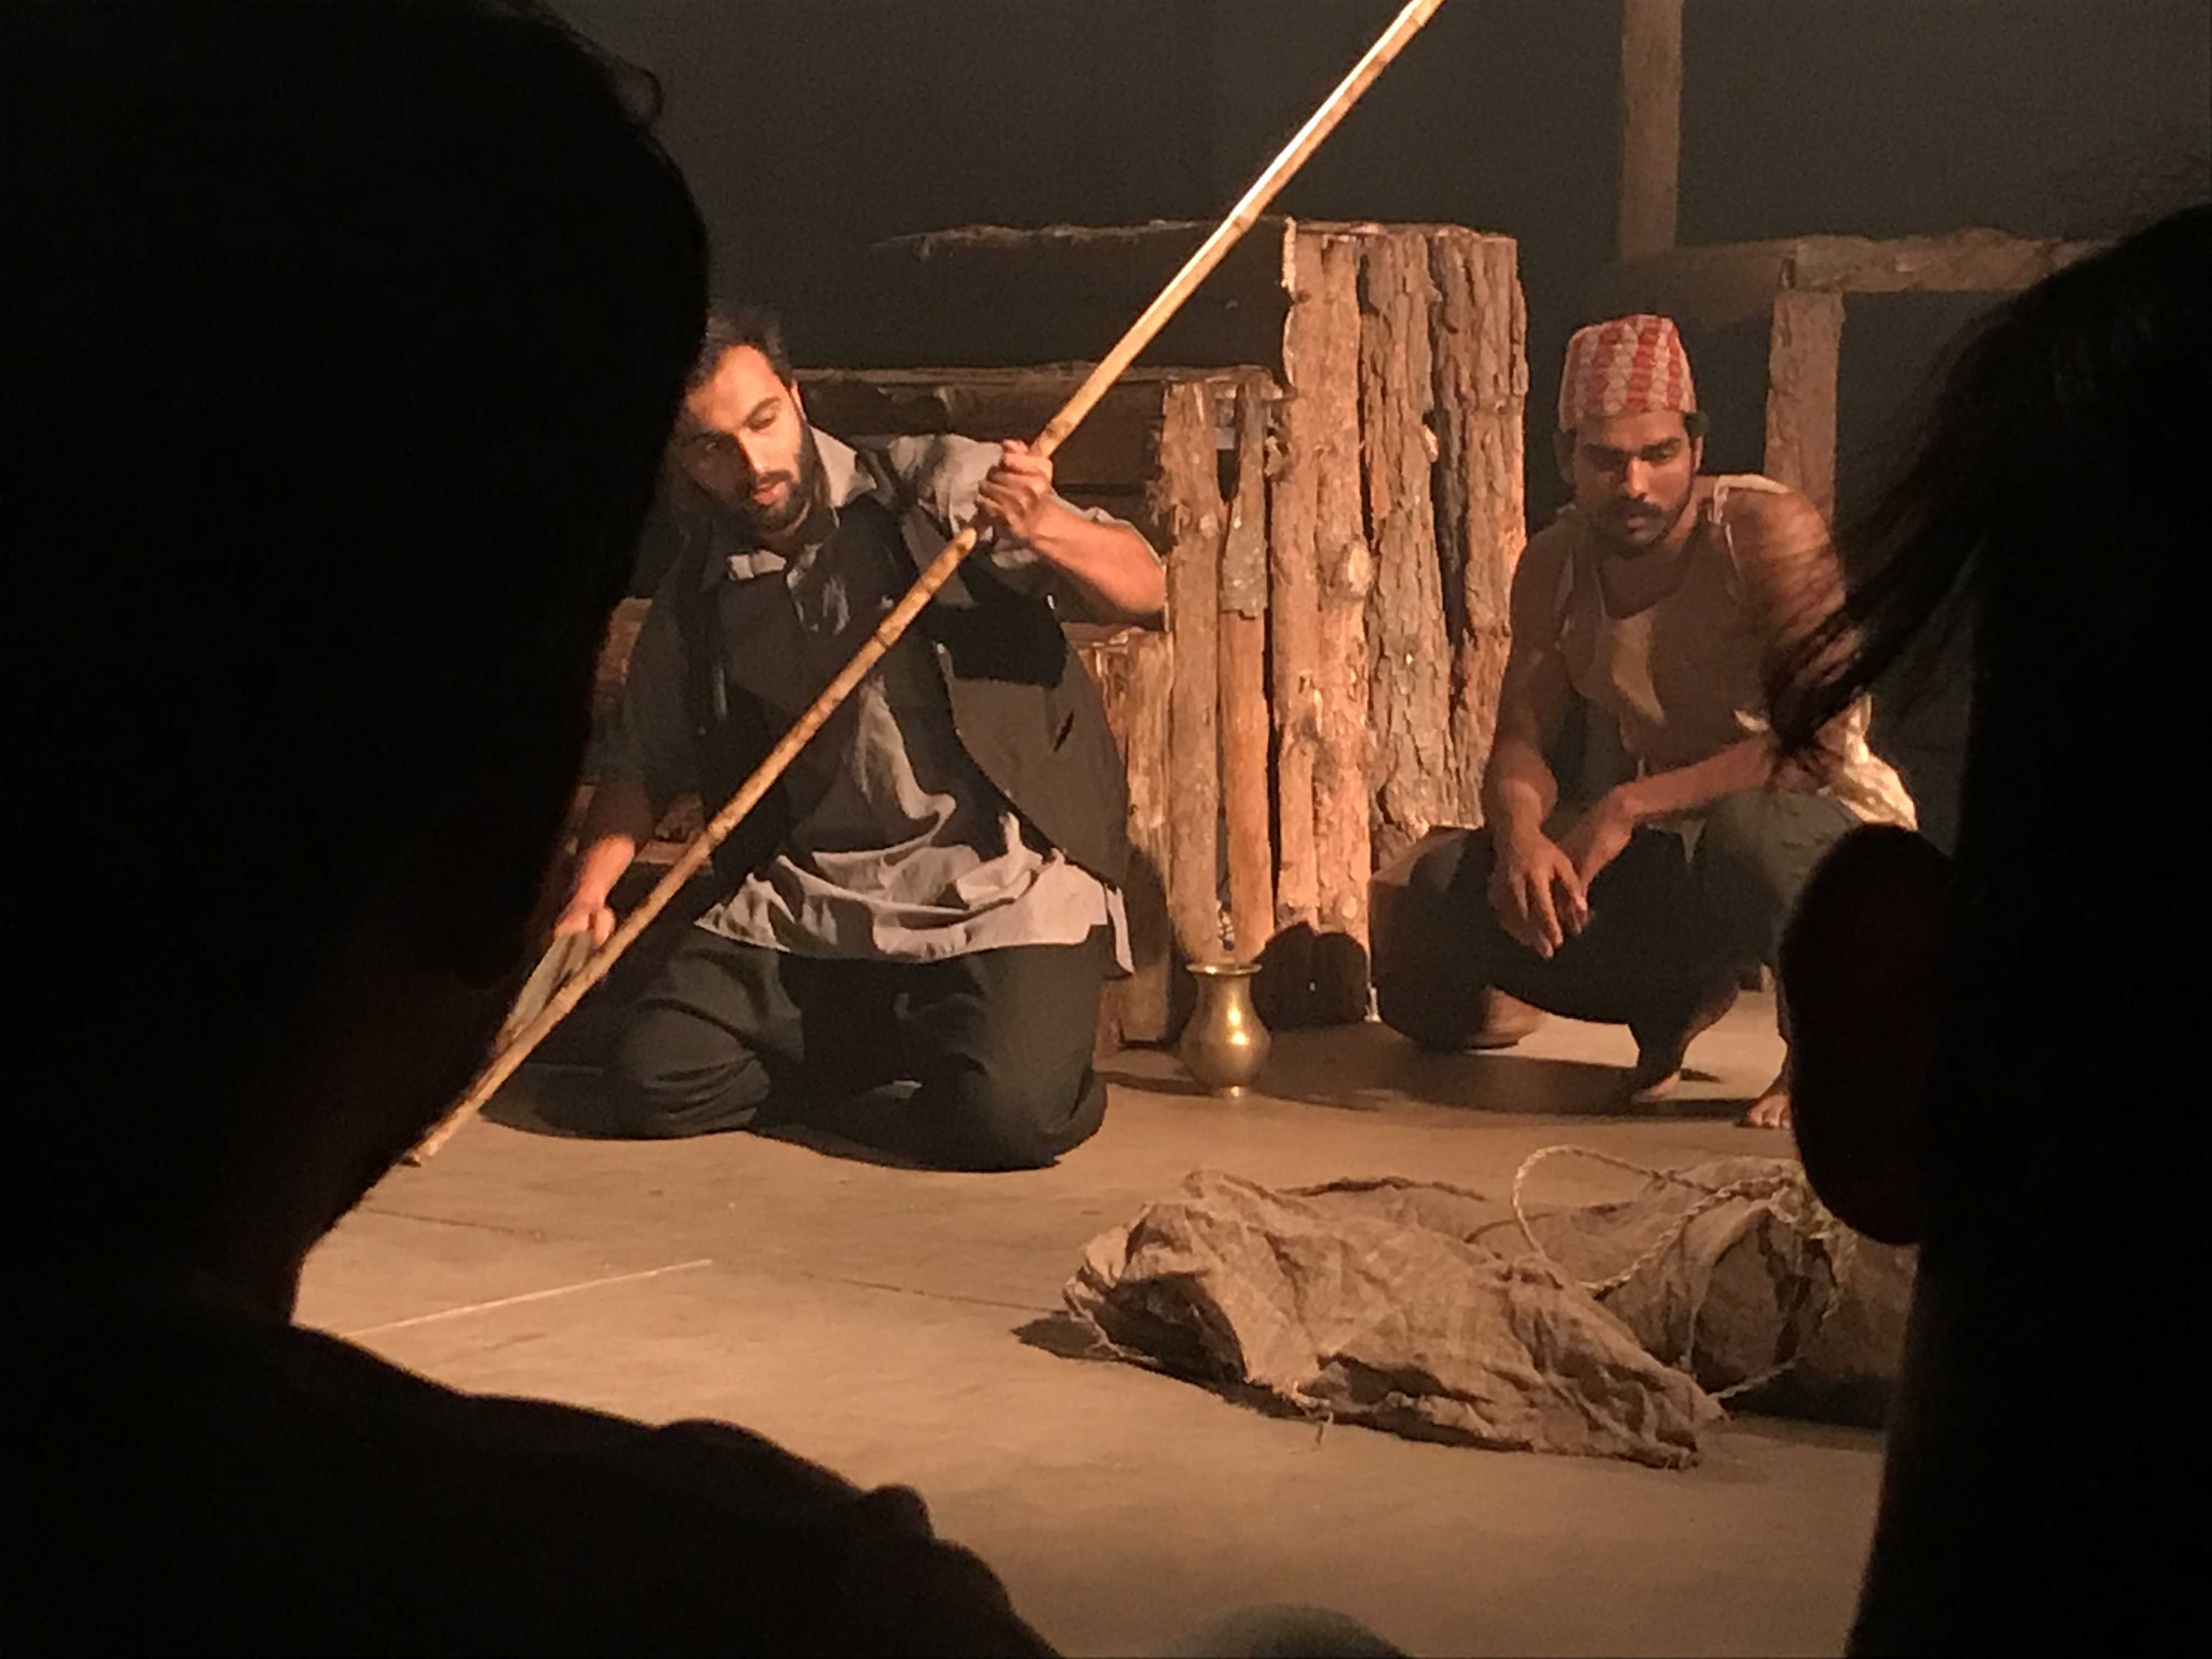 नाटक क्लेशाःको एक दृश्य। तस्बिरः अनुषा अधिकारी/सेतोपाटी